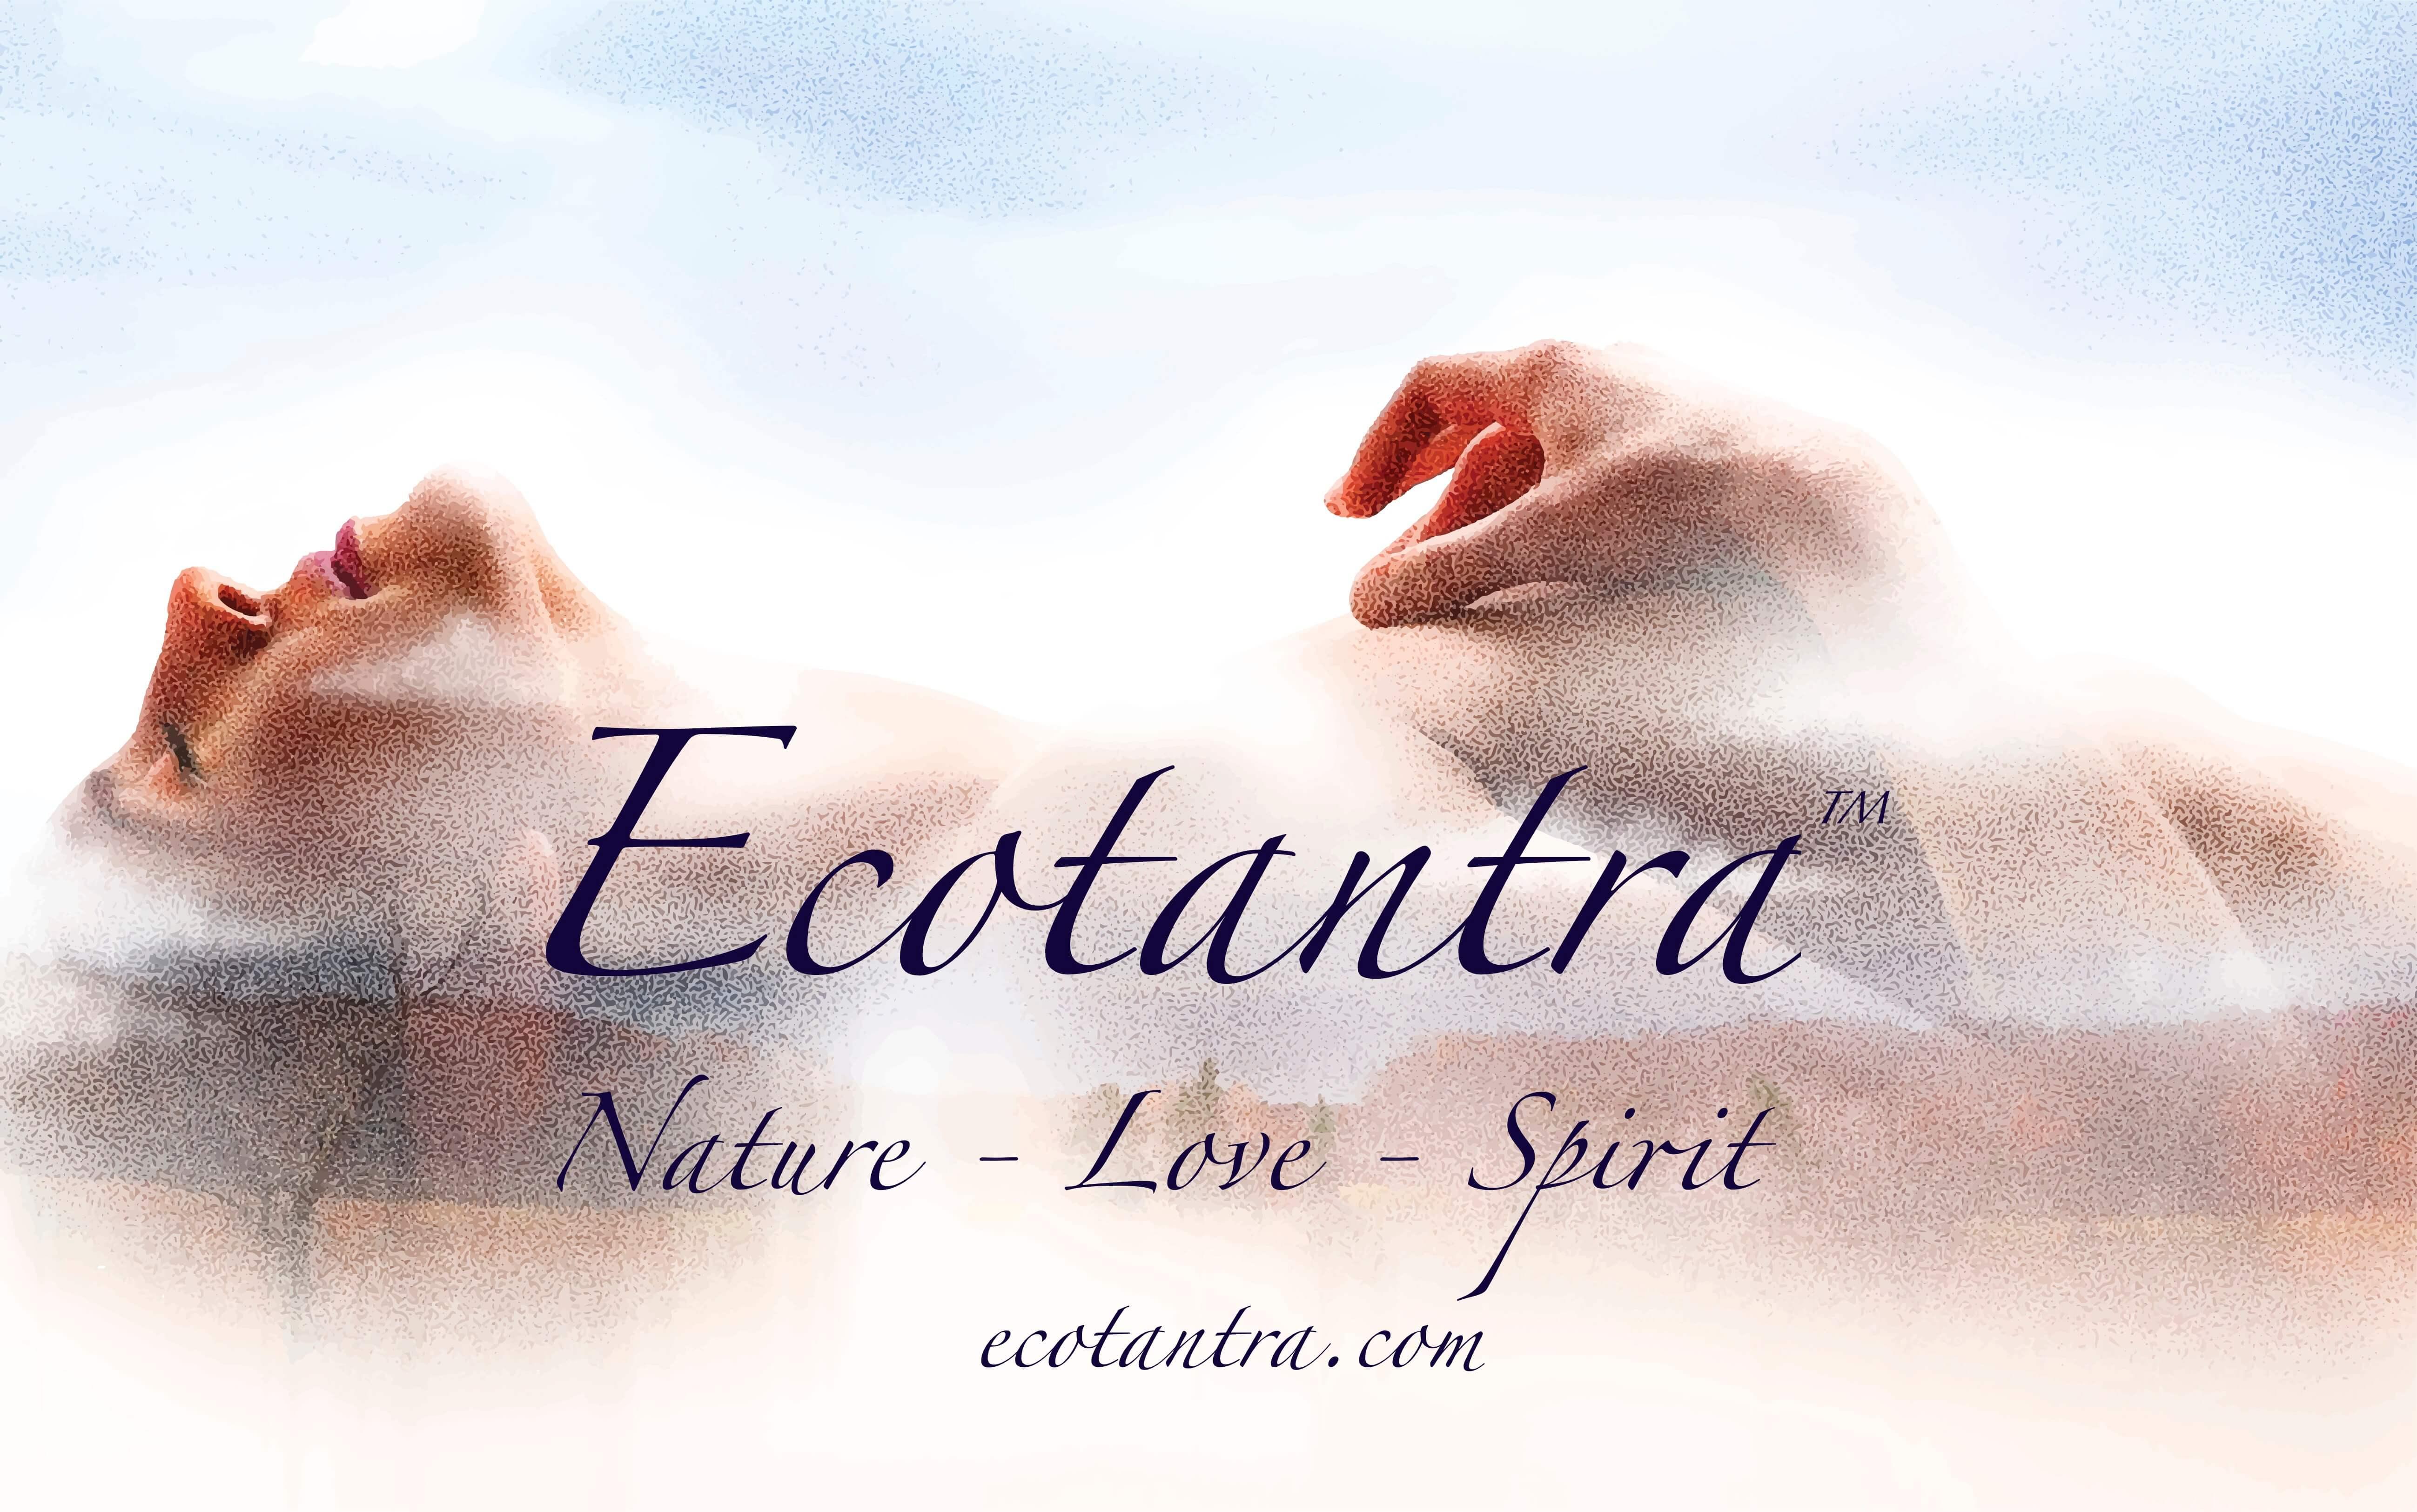 ecotantra